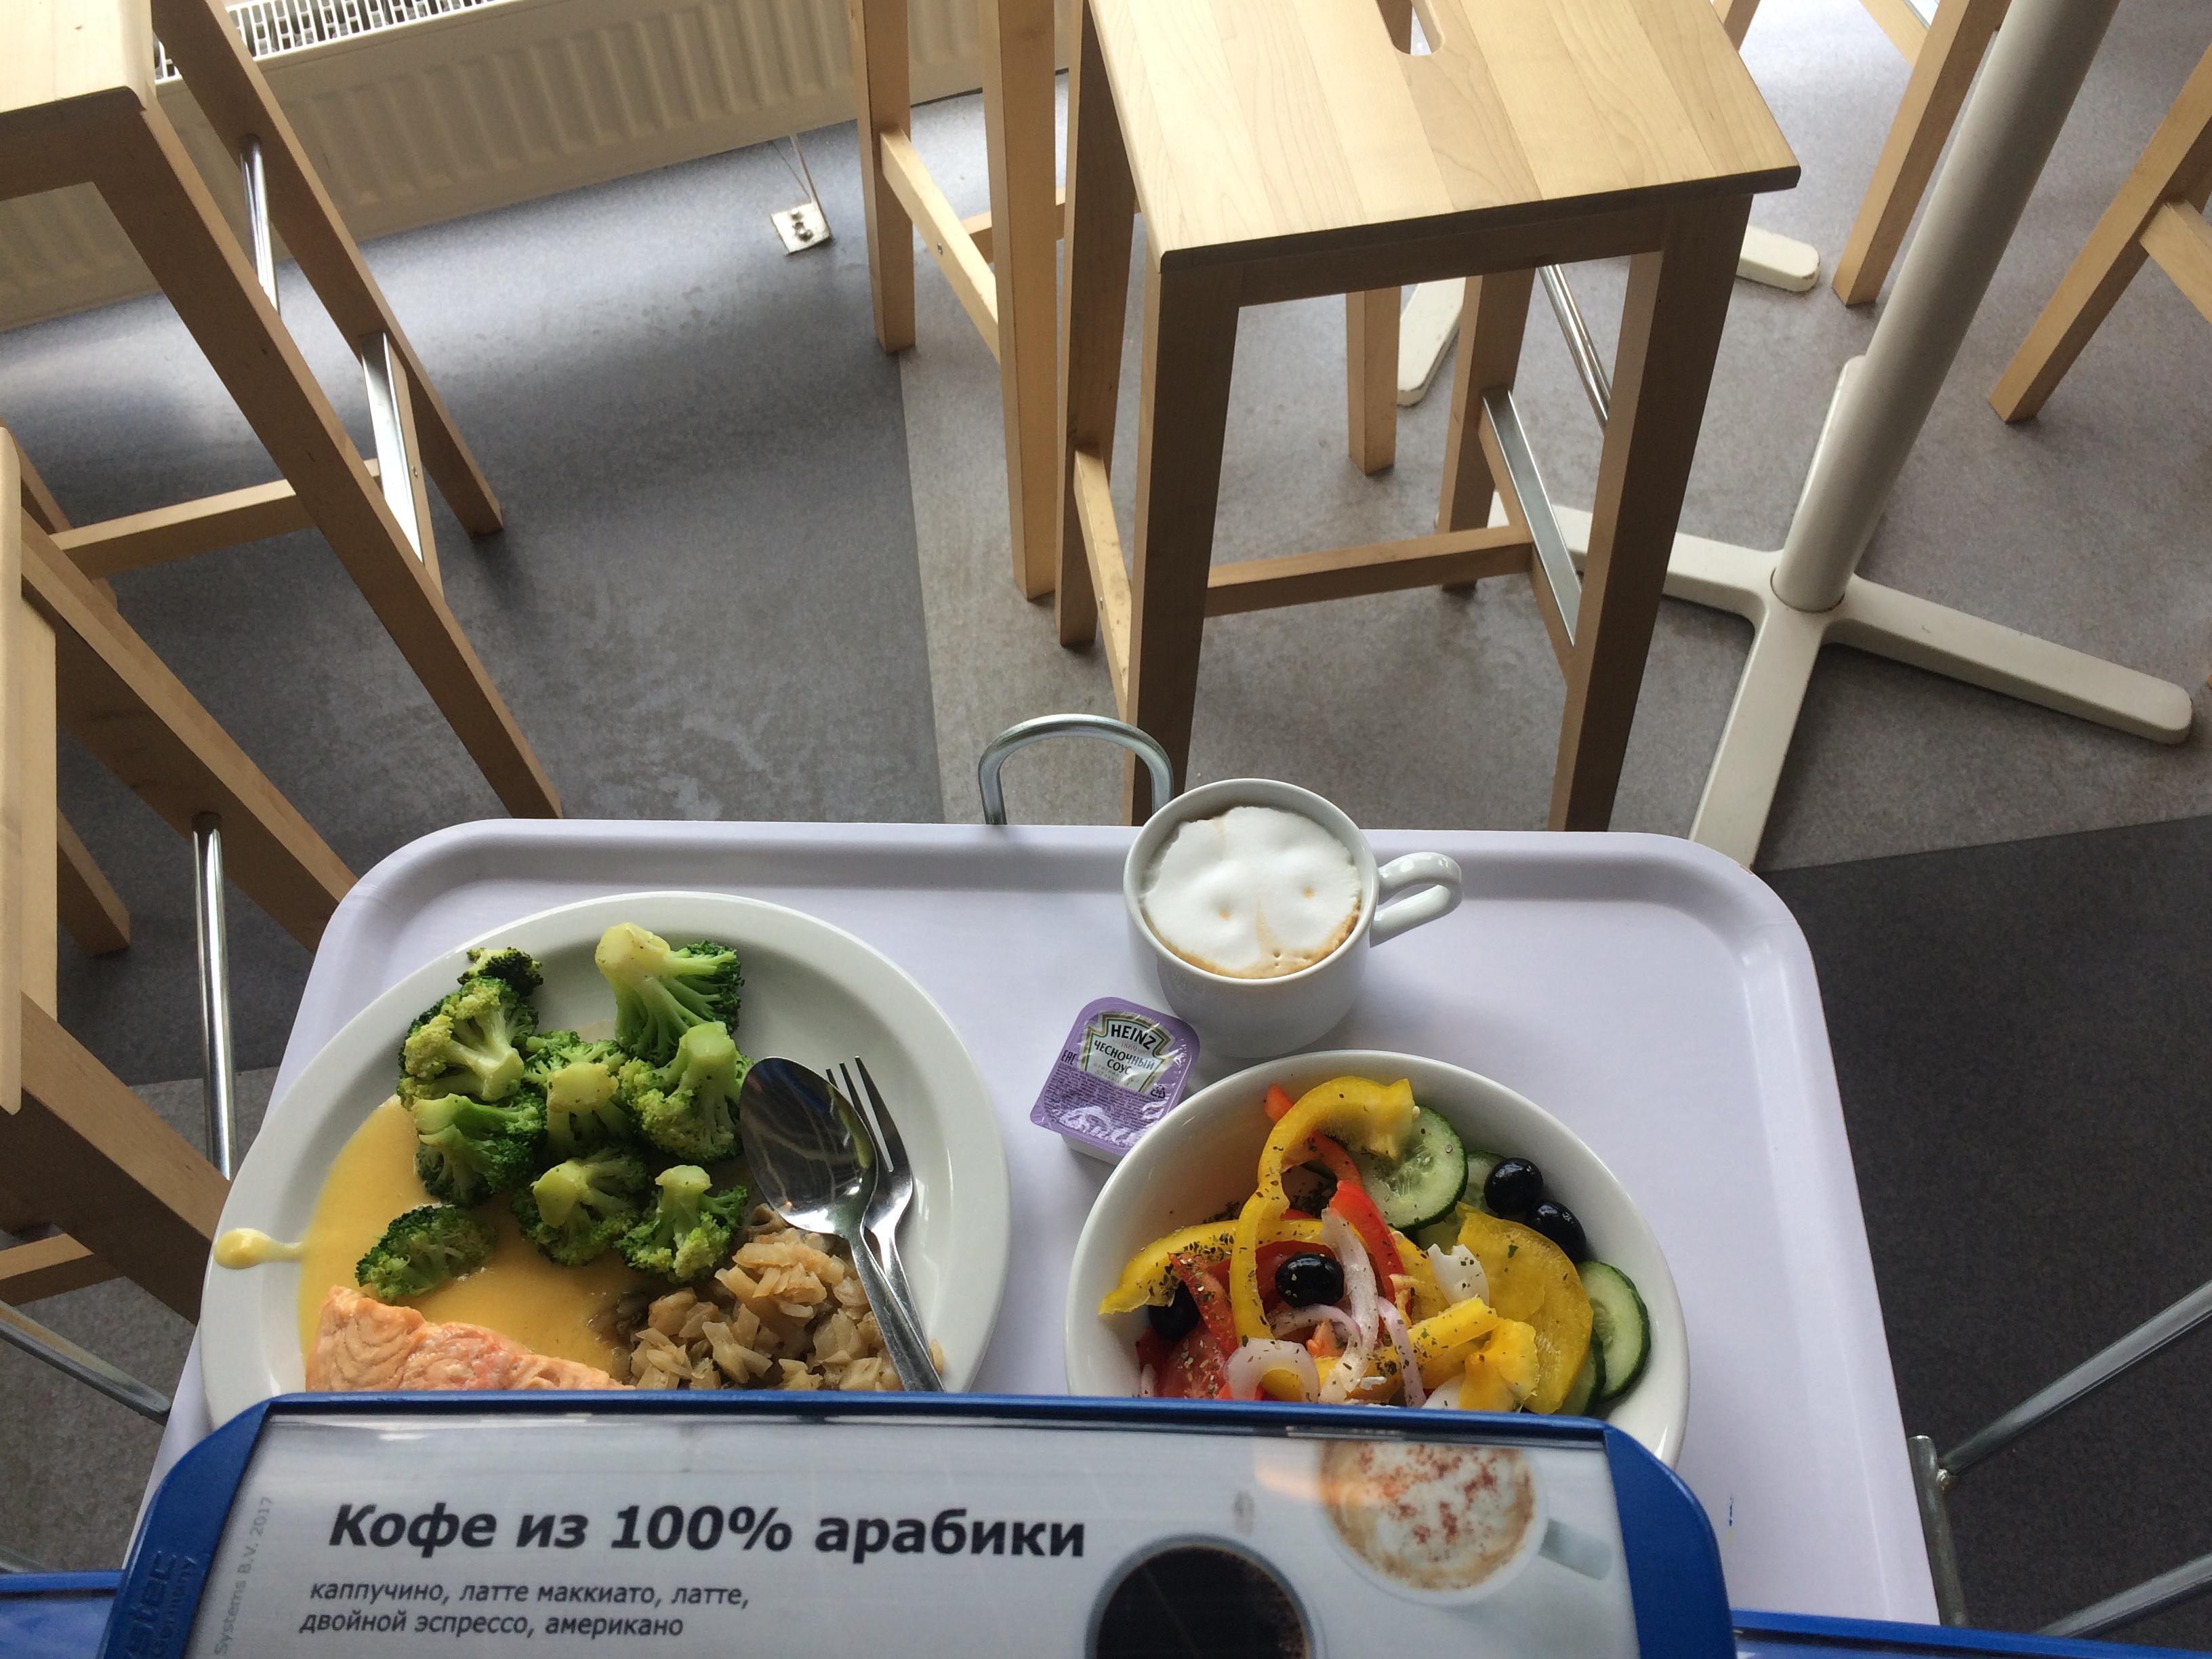 икея ресторан отзывы при похудении